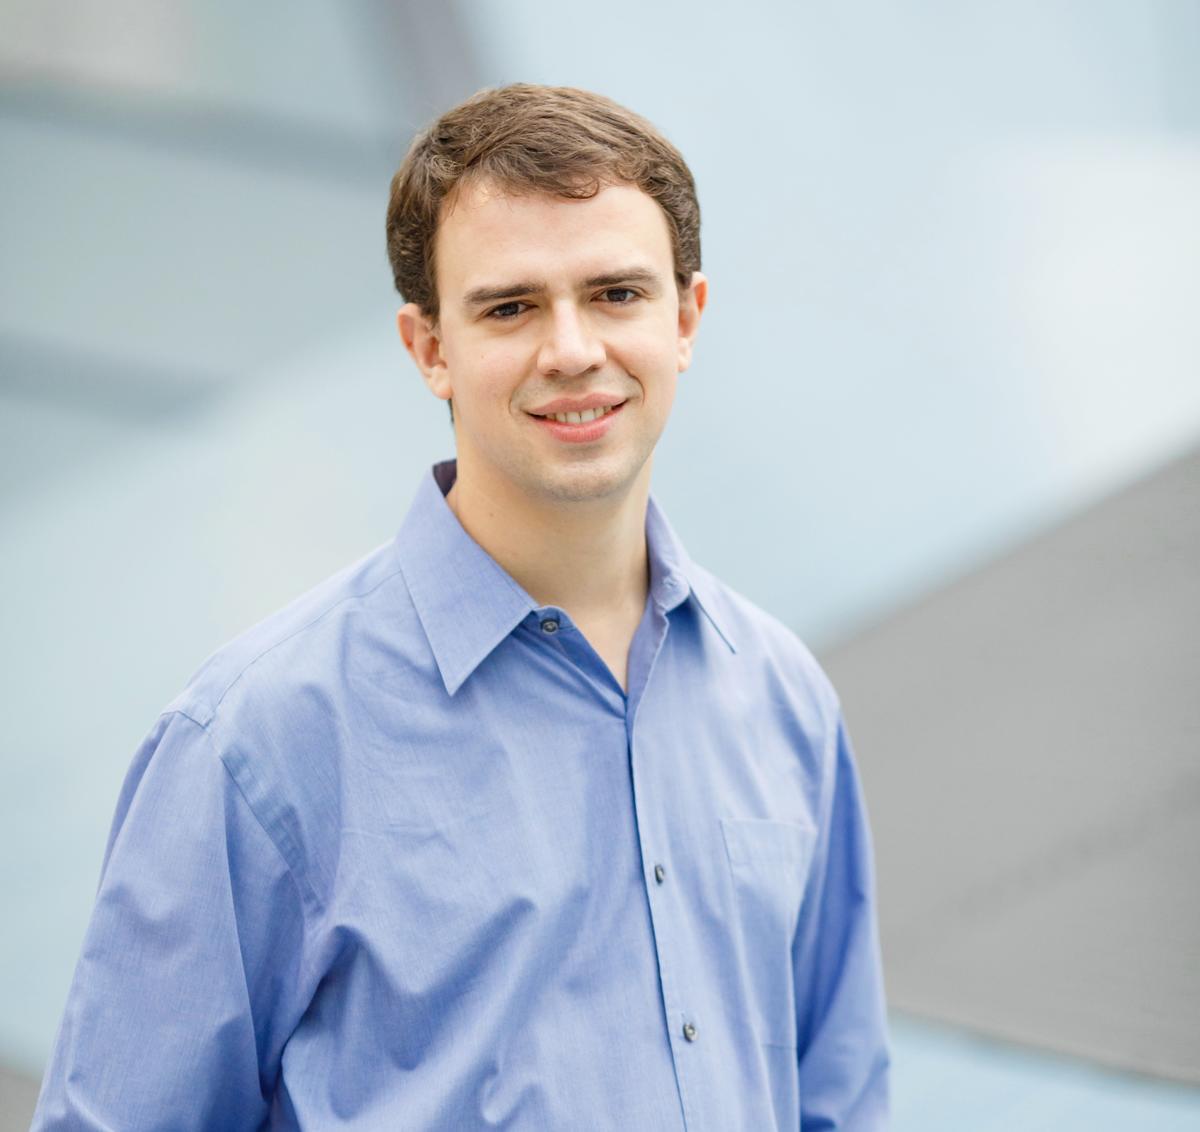 Christopher Lawson profile picture